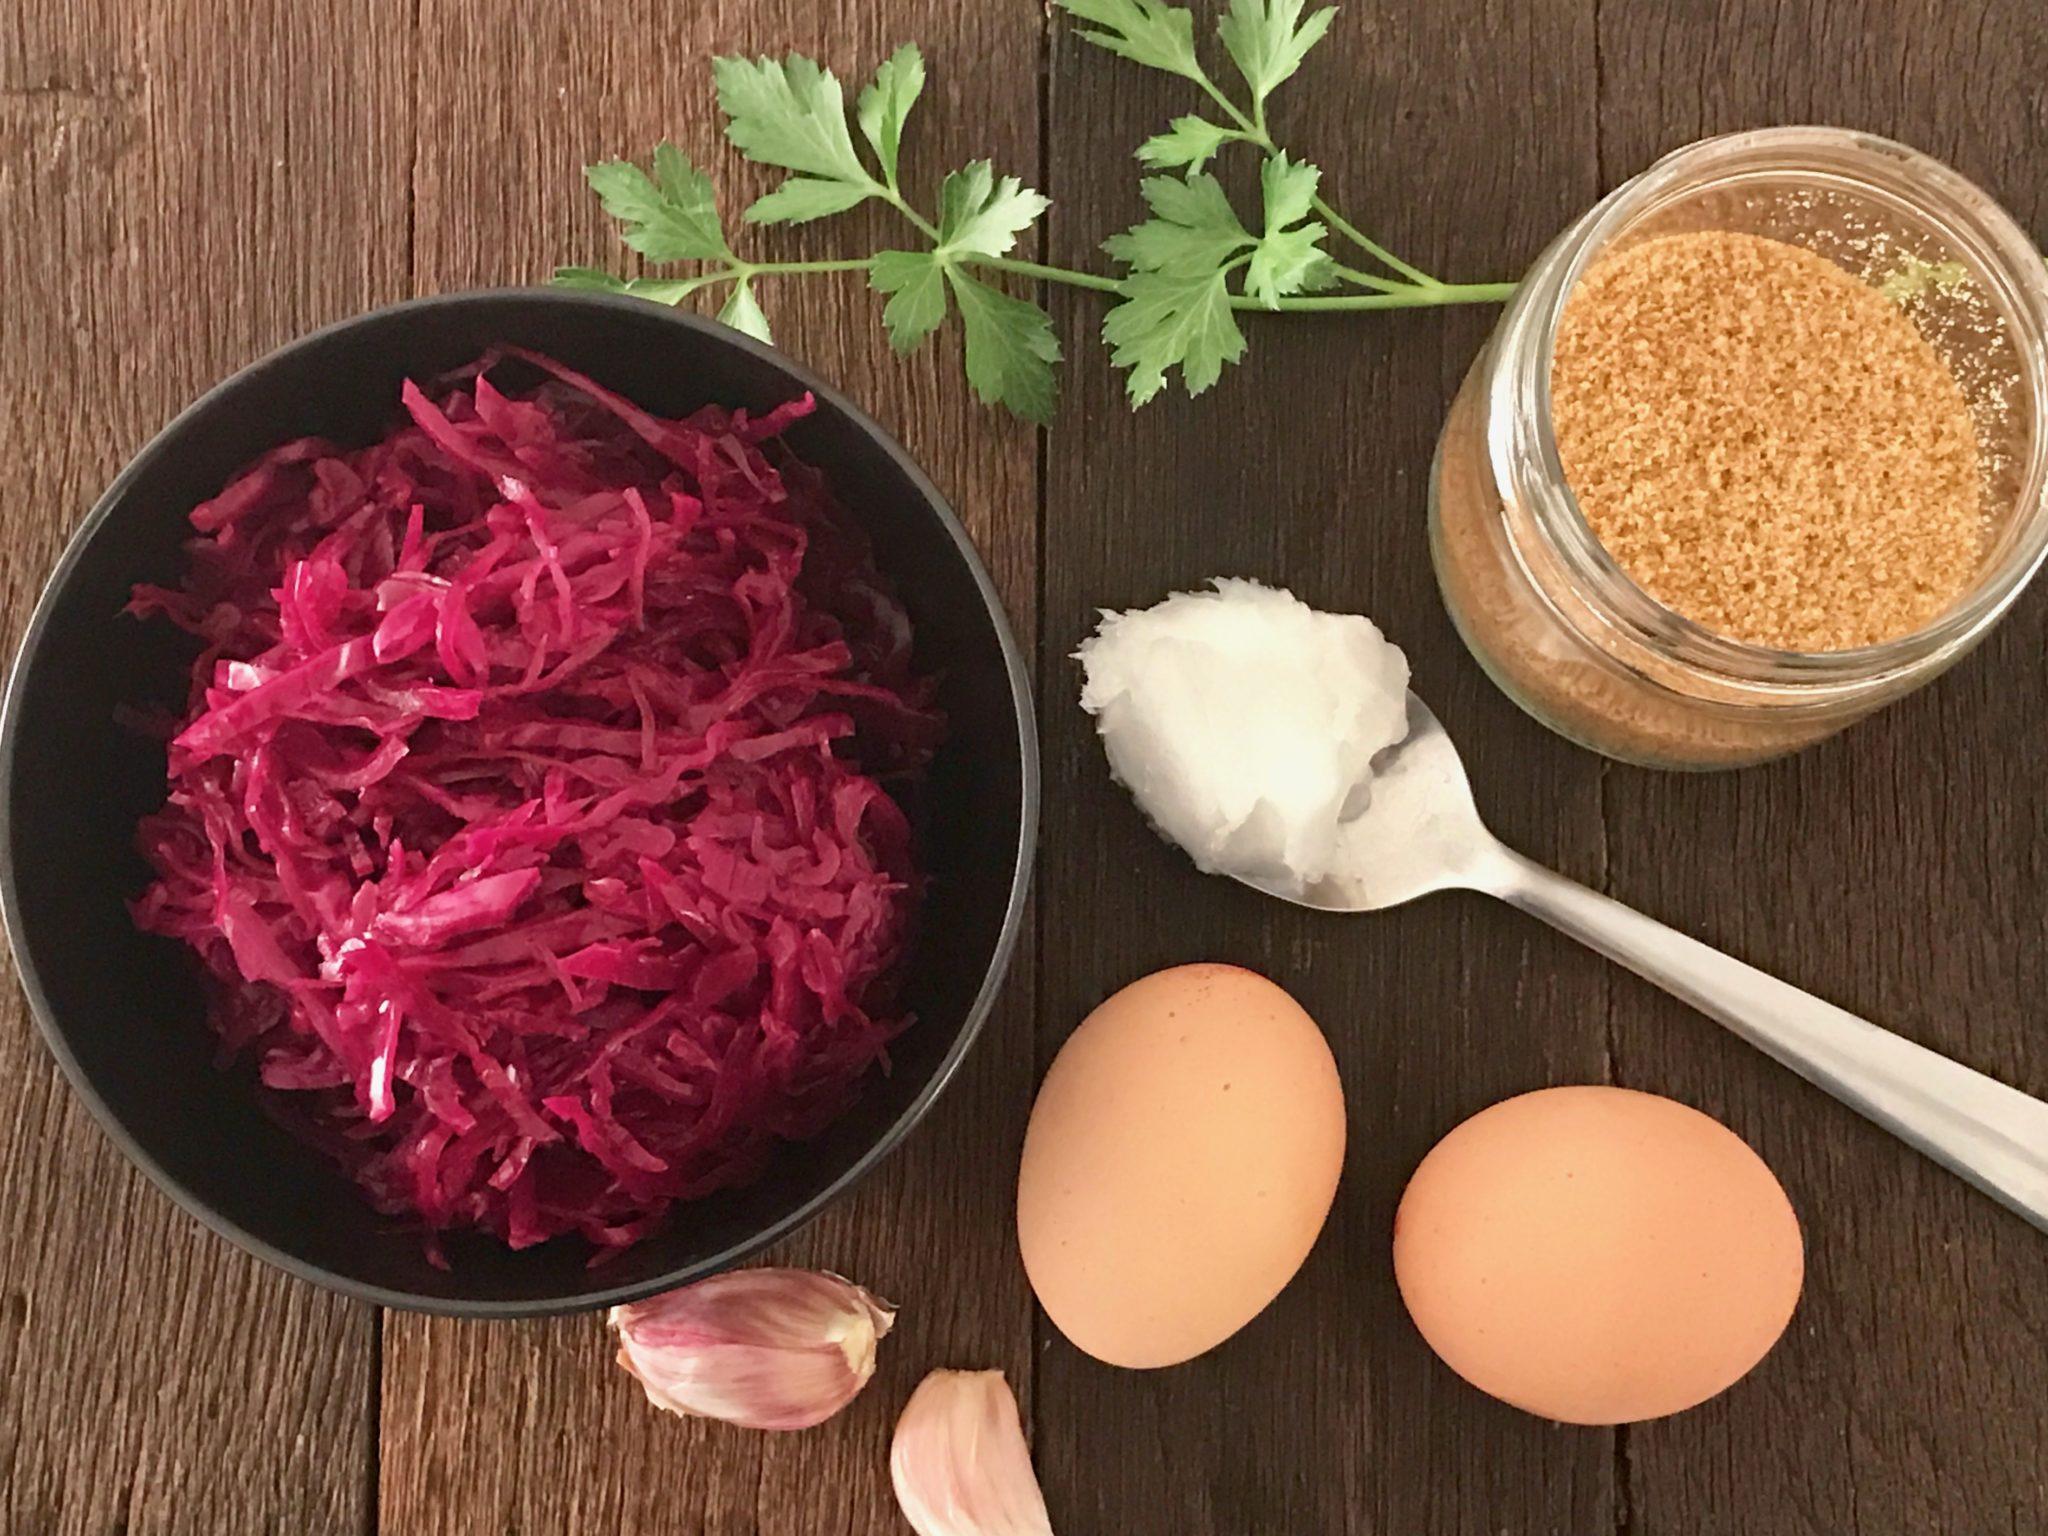 ingredients for red cabbage sauerkraut salad